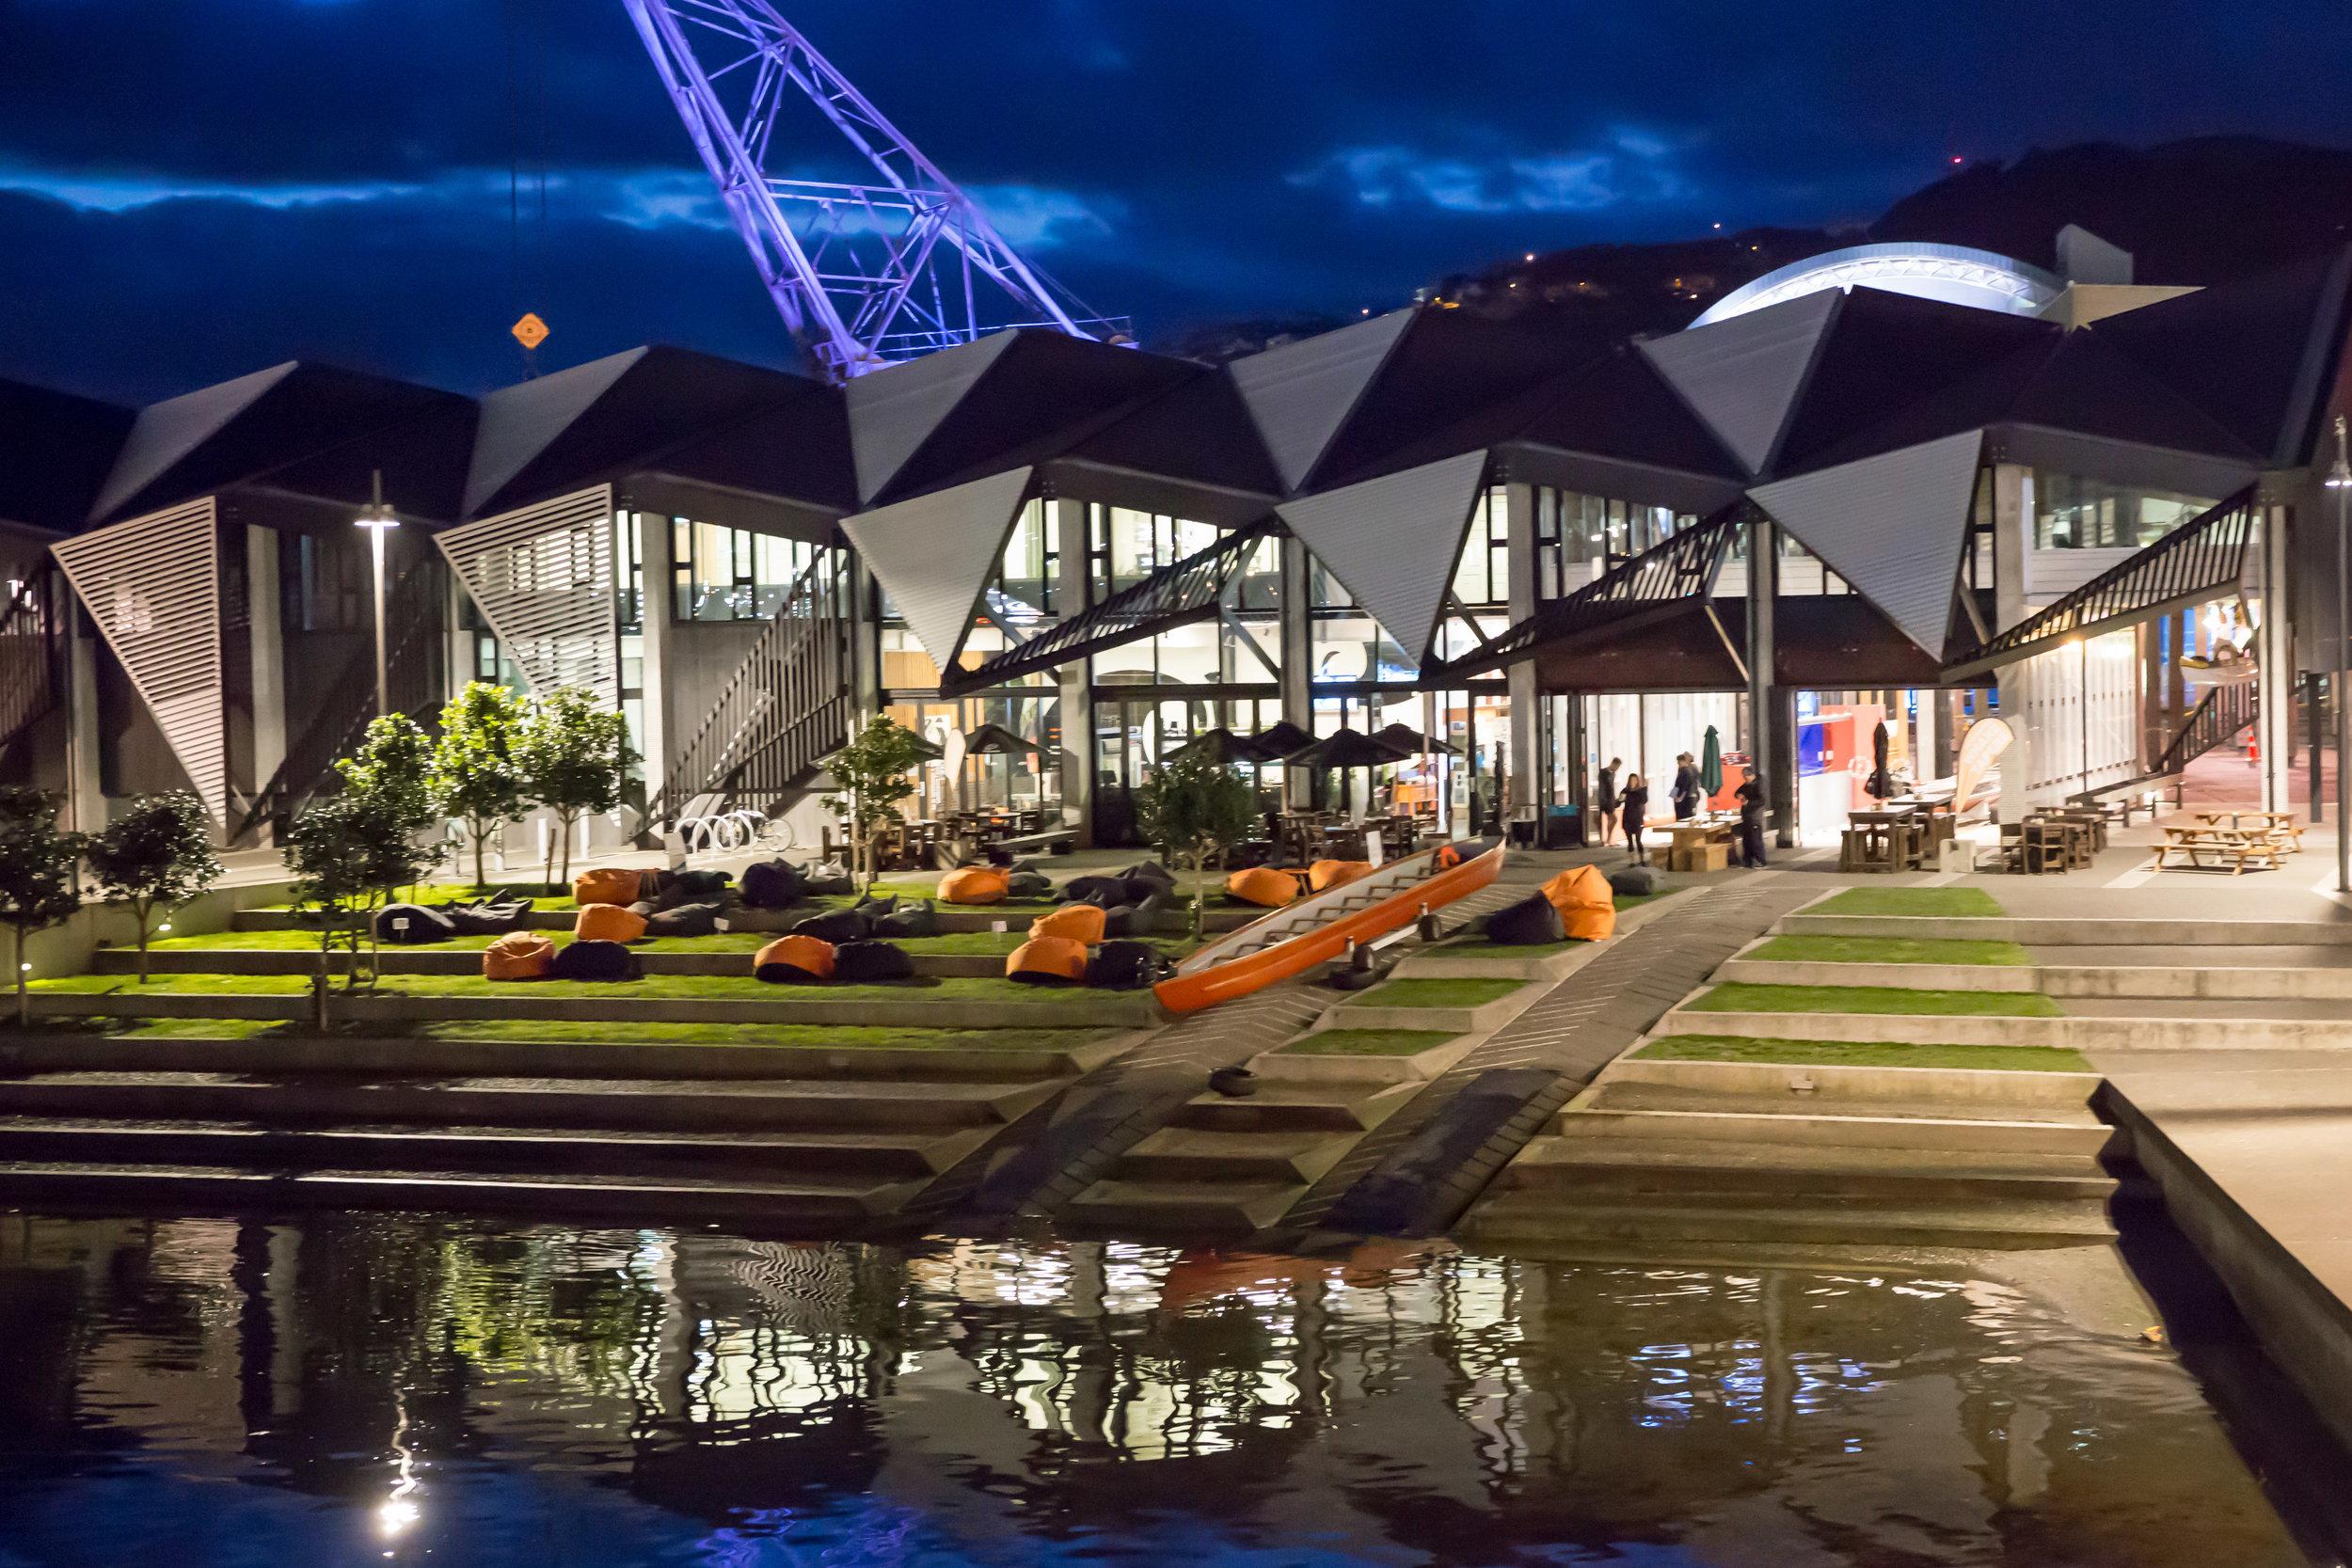 Wharewaka Function Centre at night